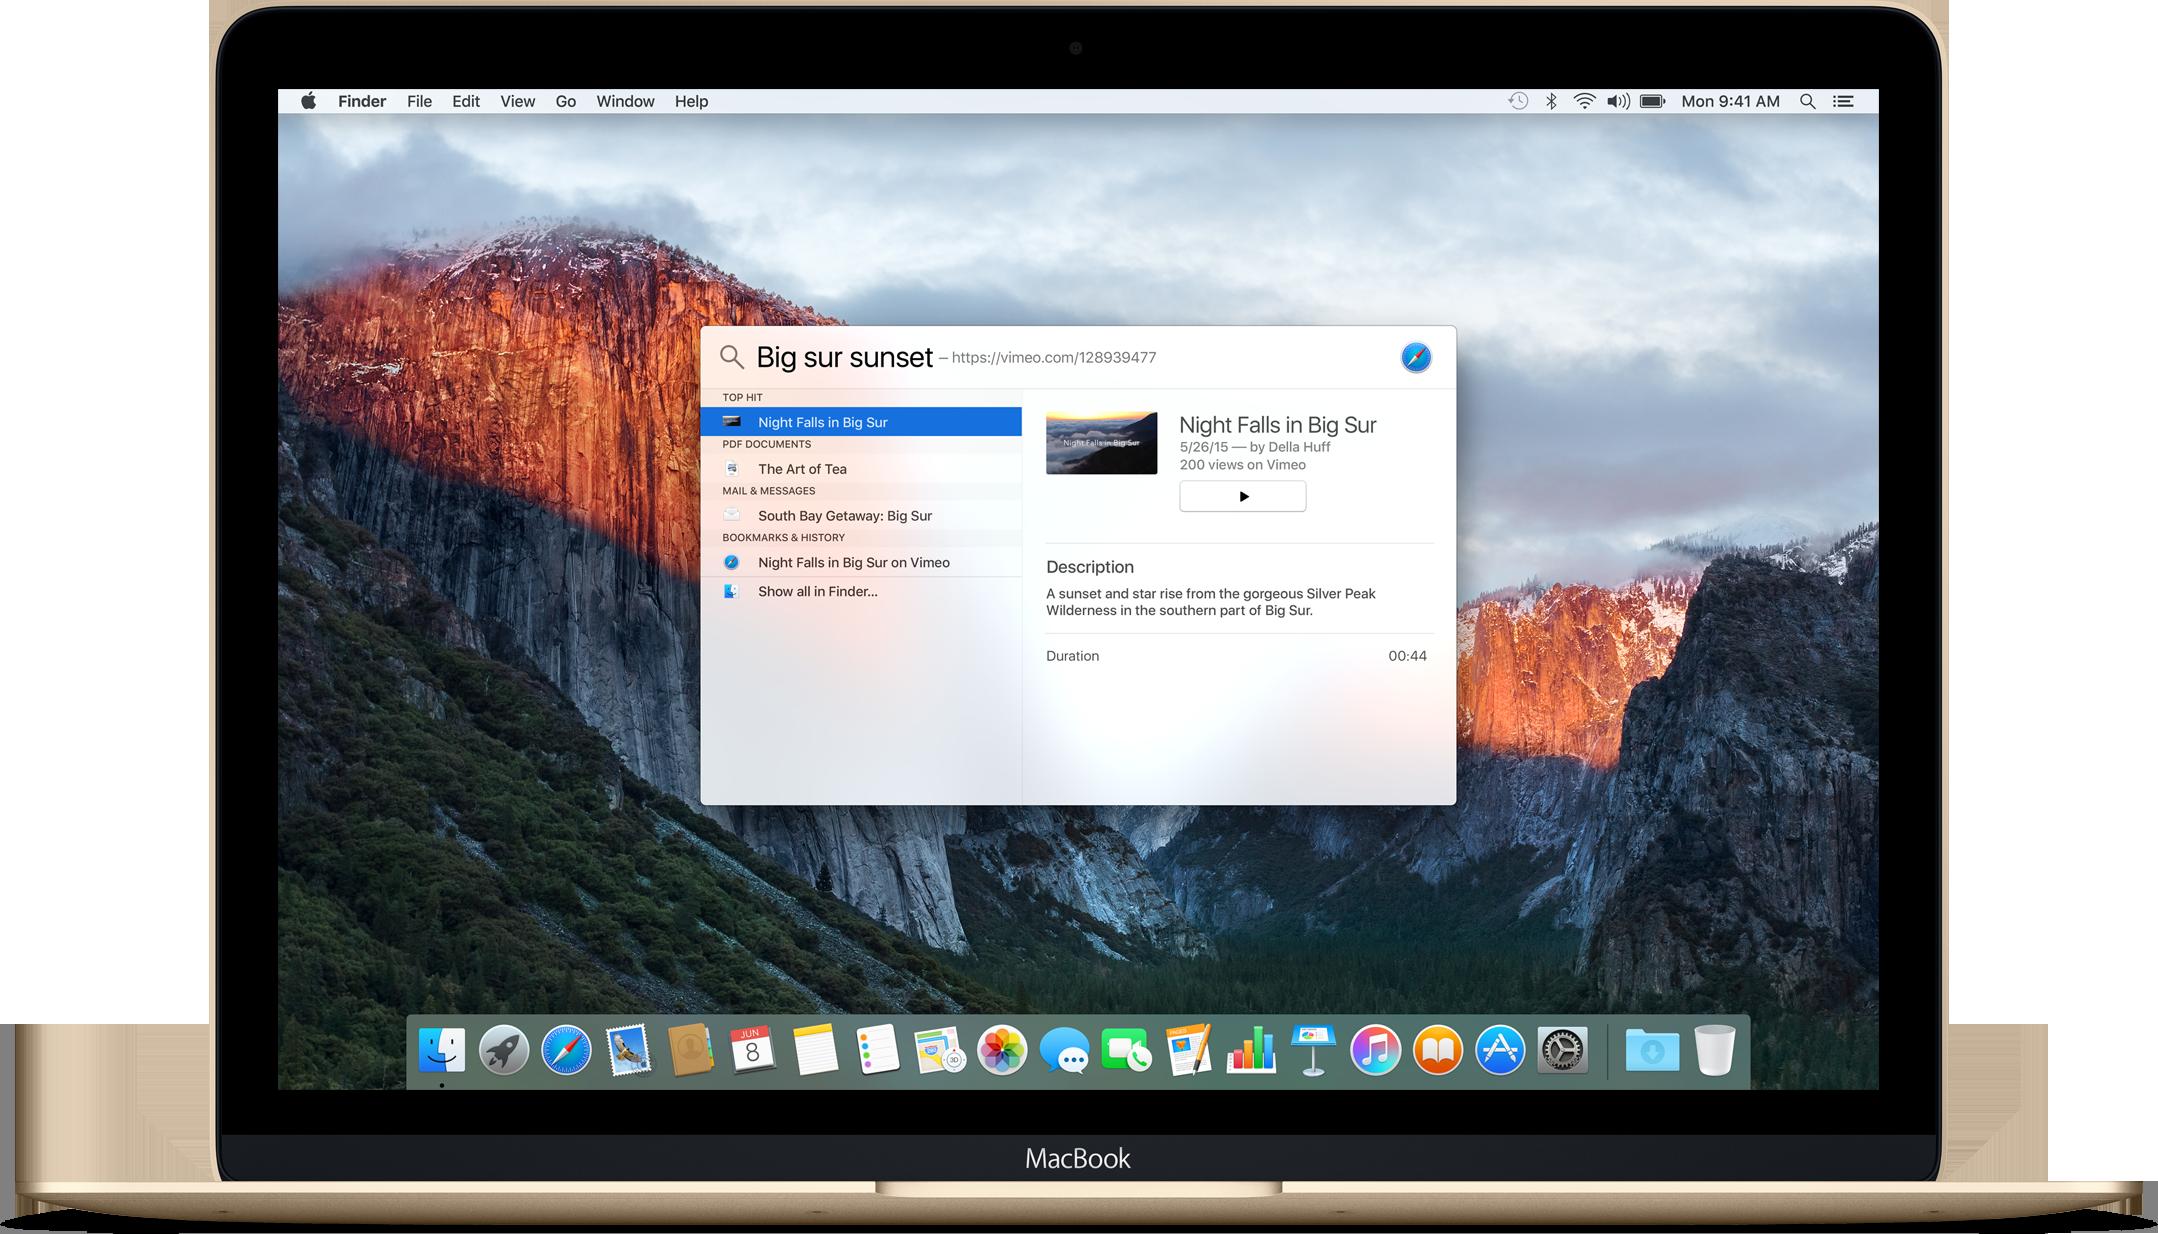 OS X El Capitan Spotlight image 003